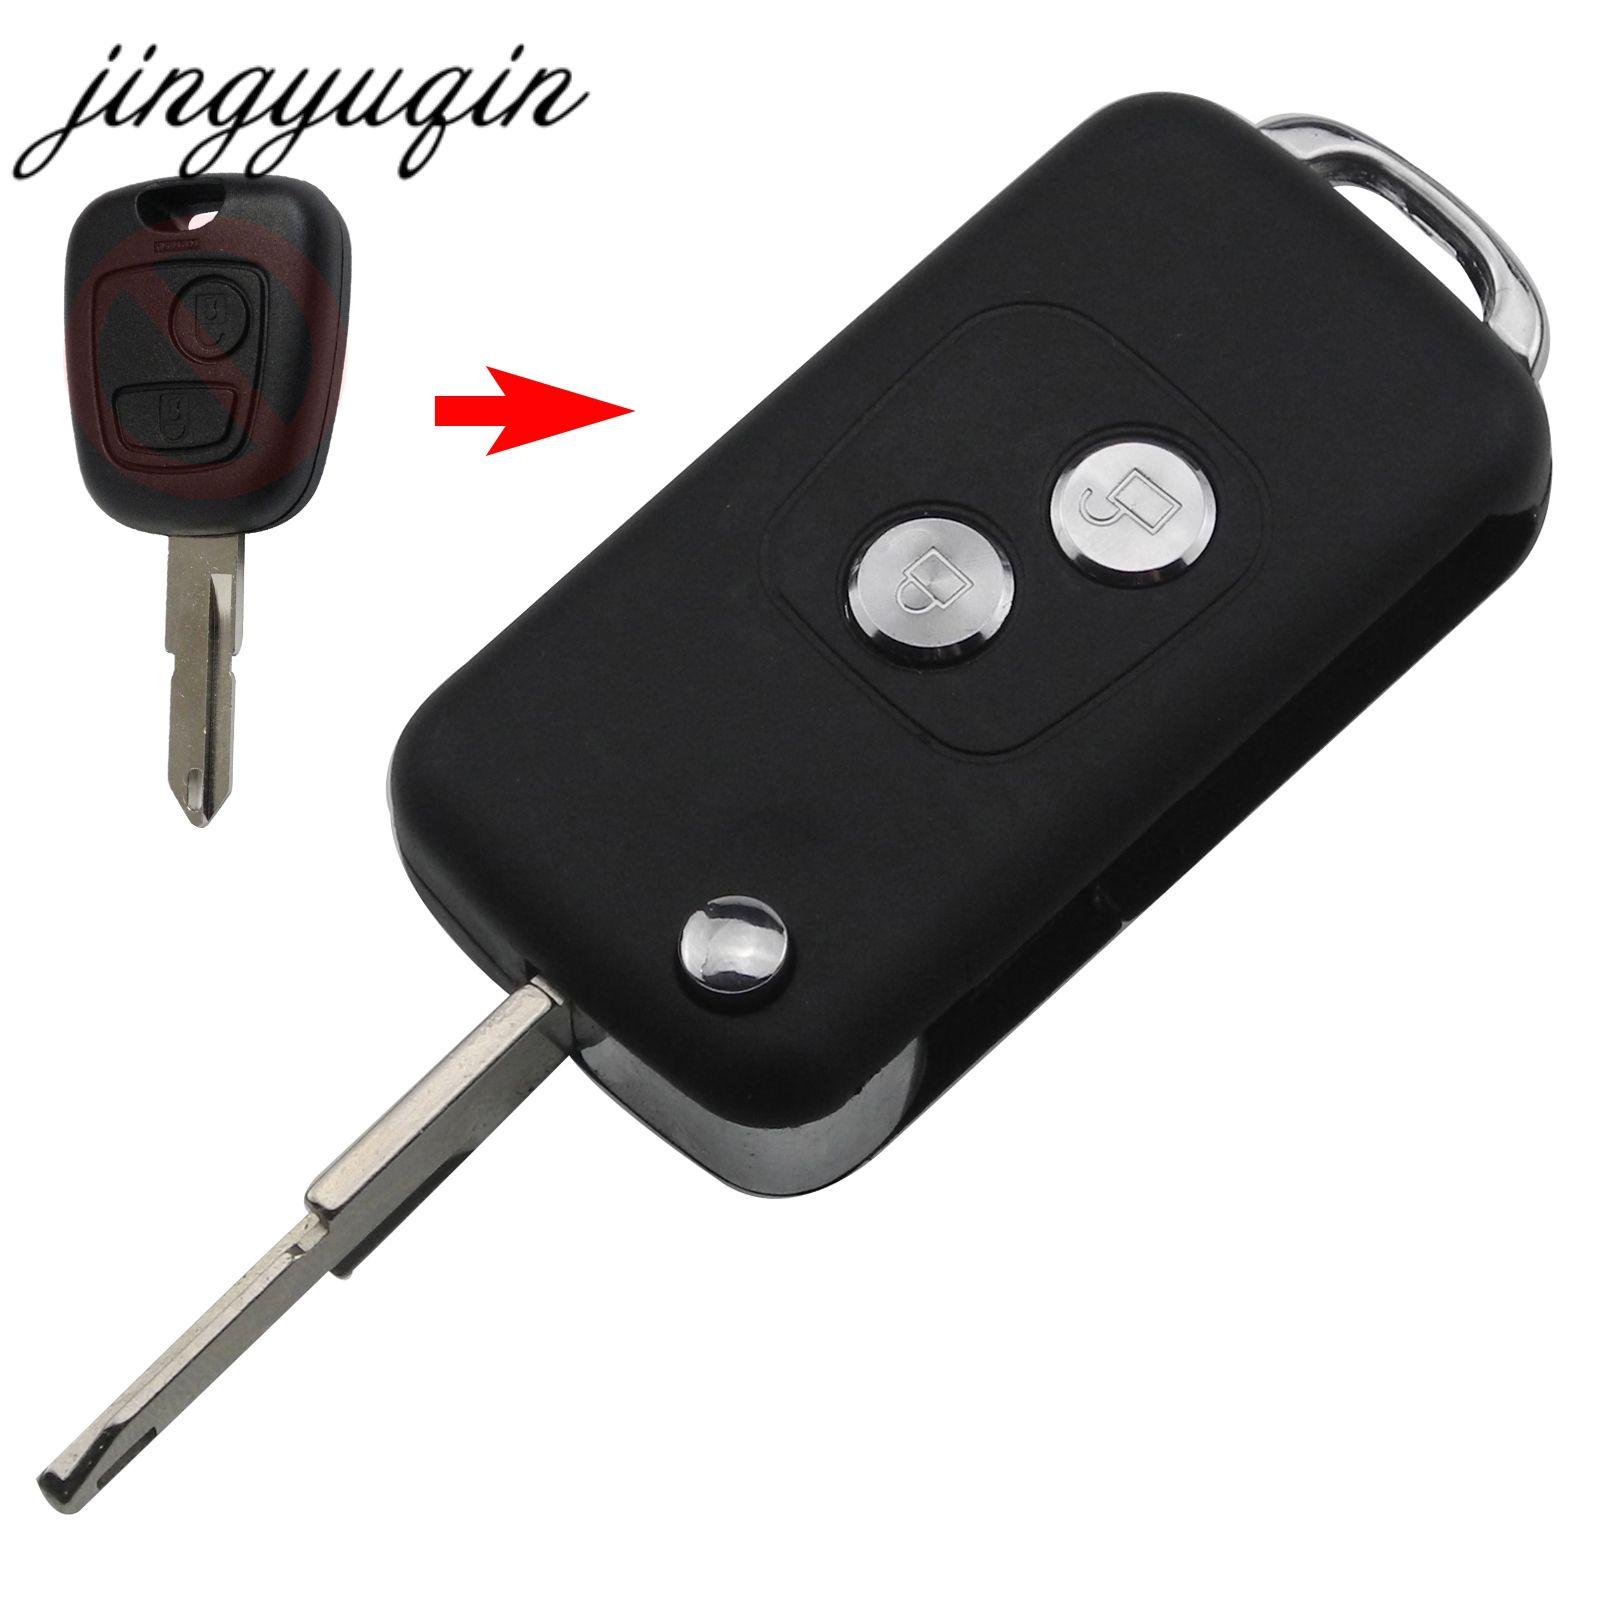 Jingyuqin Geändert Flip Folding Key Fob Fall für Peugeot 206 207 Citroen C2 Fernbedienung Auto schlüssel Shell-Ersatz